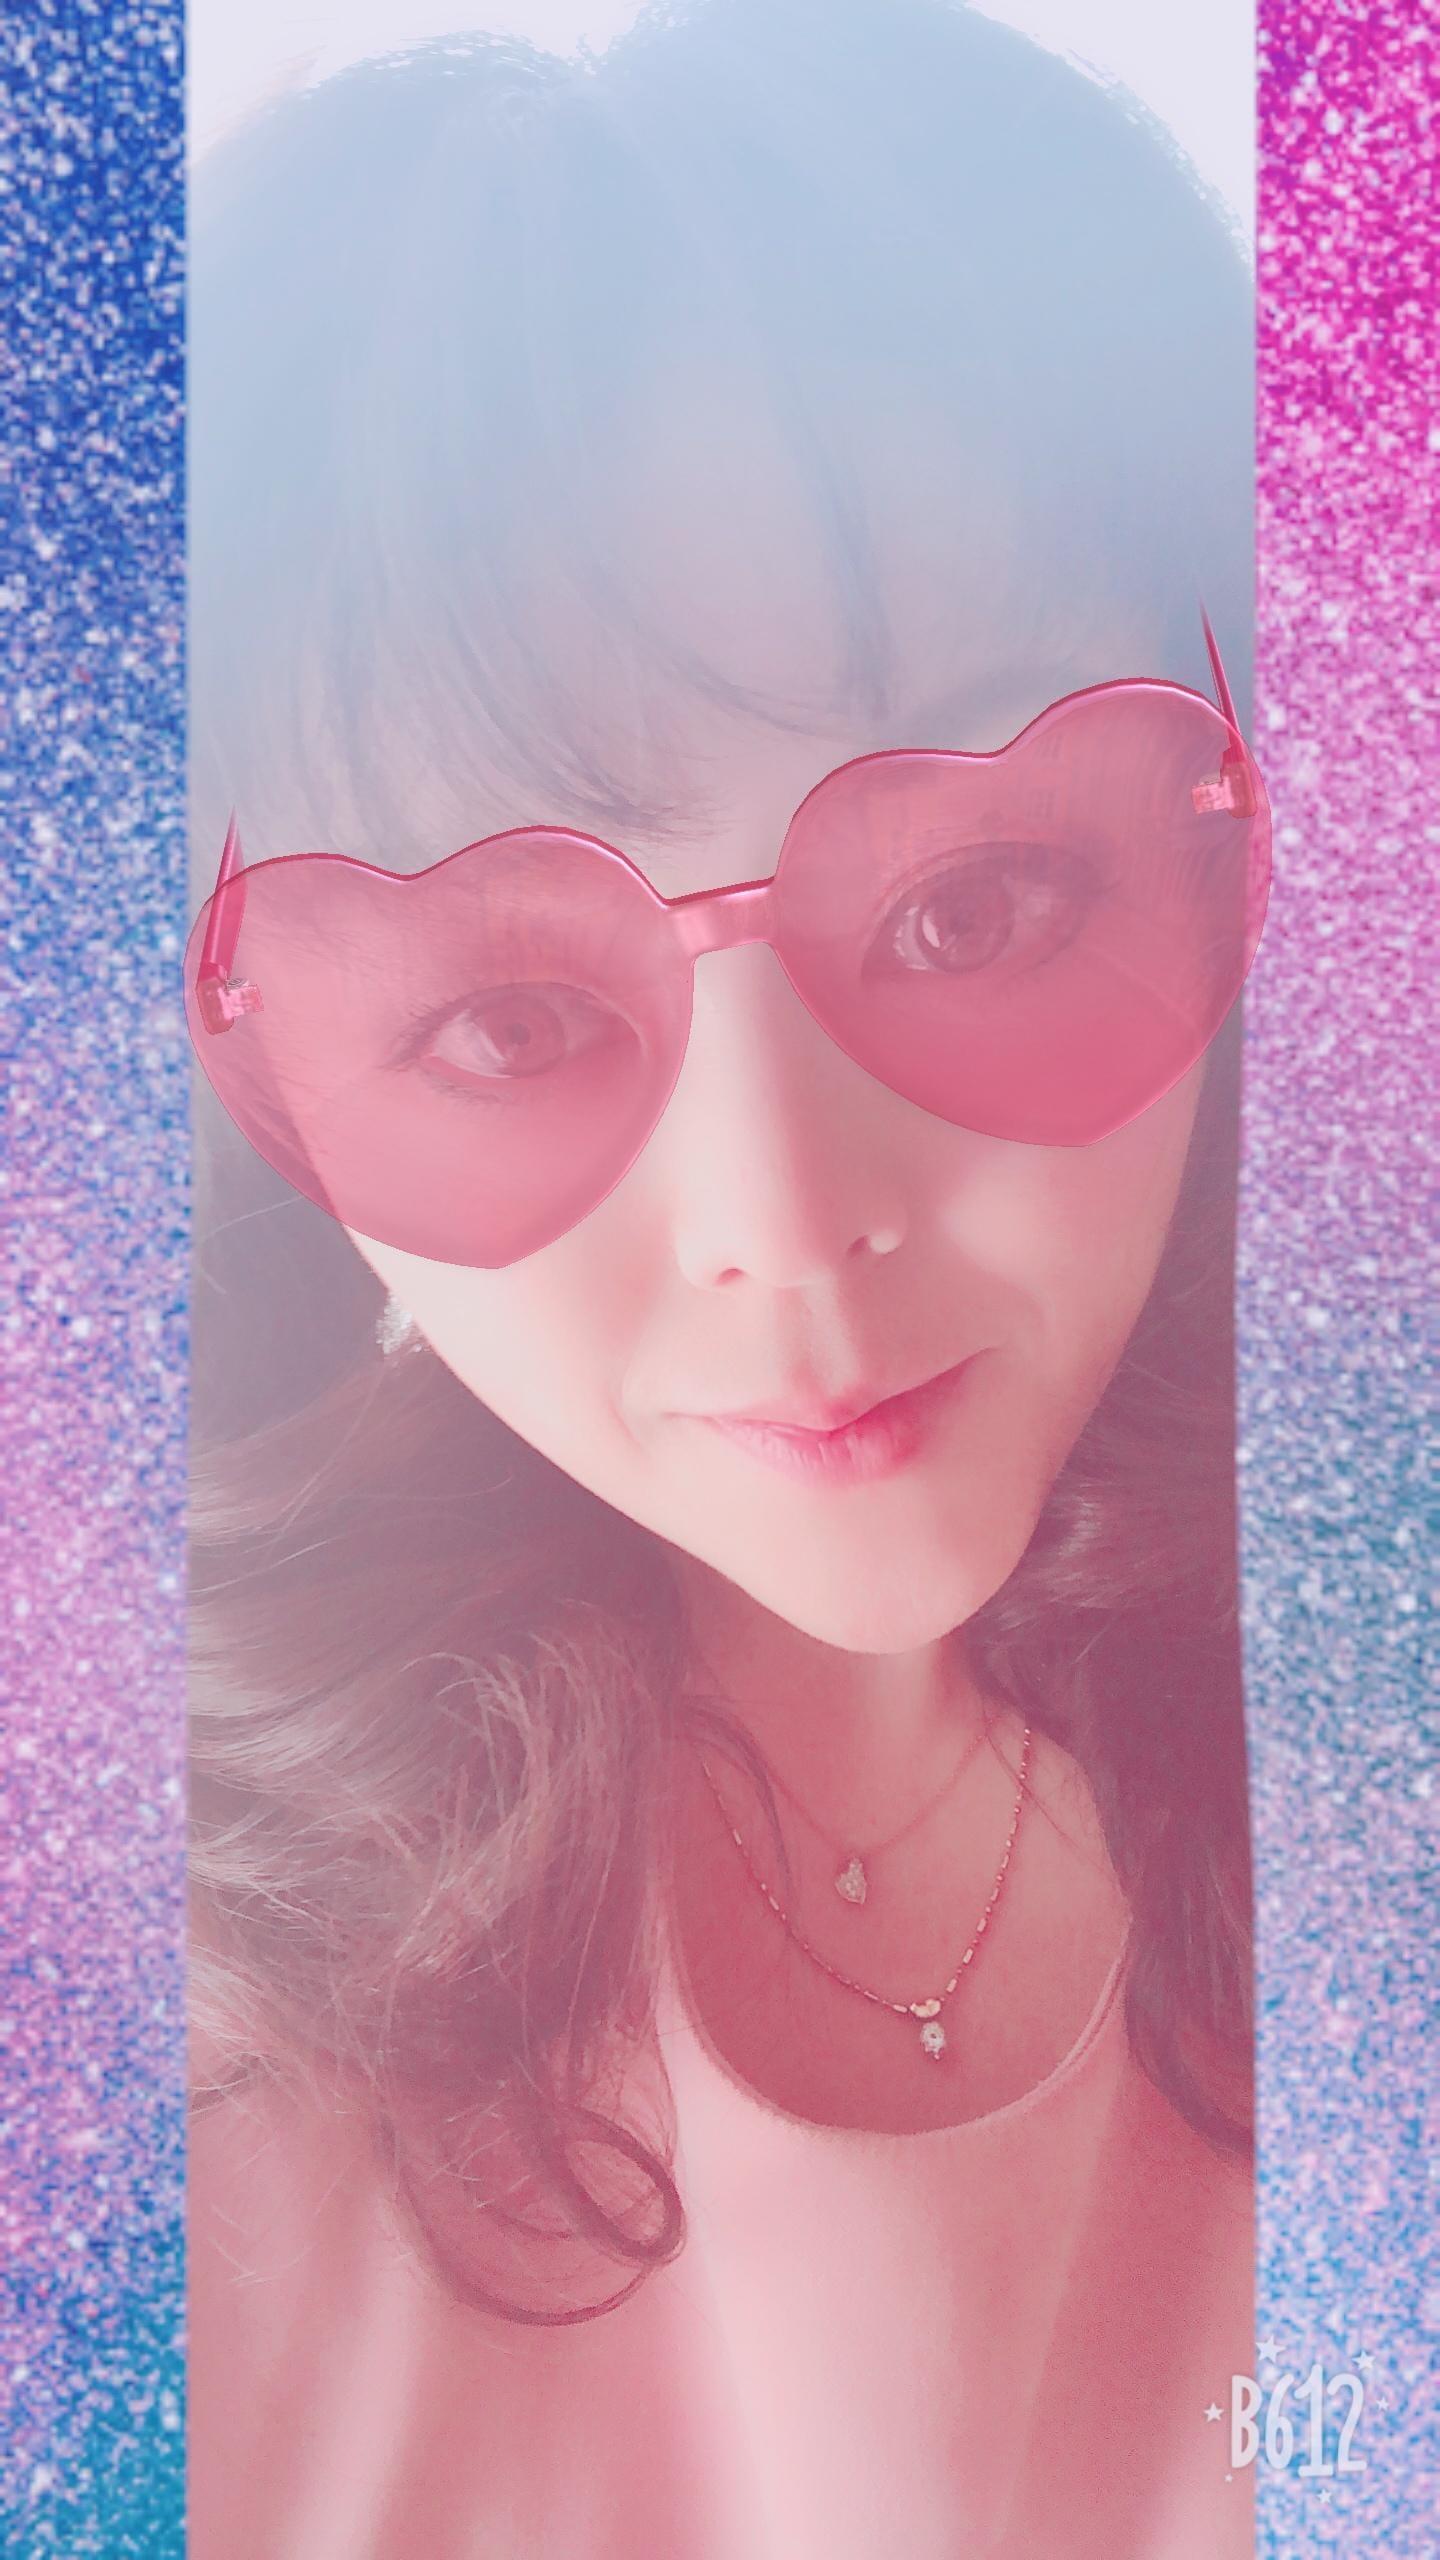 「お待ちしております」01/16(01/16) 11:25 | 桃子(ももこ)の写メ・風俗動画